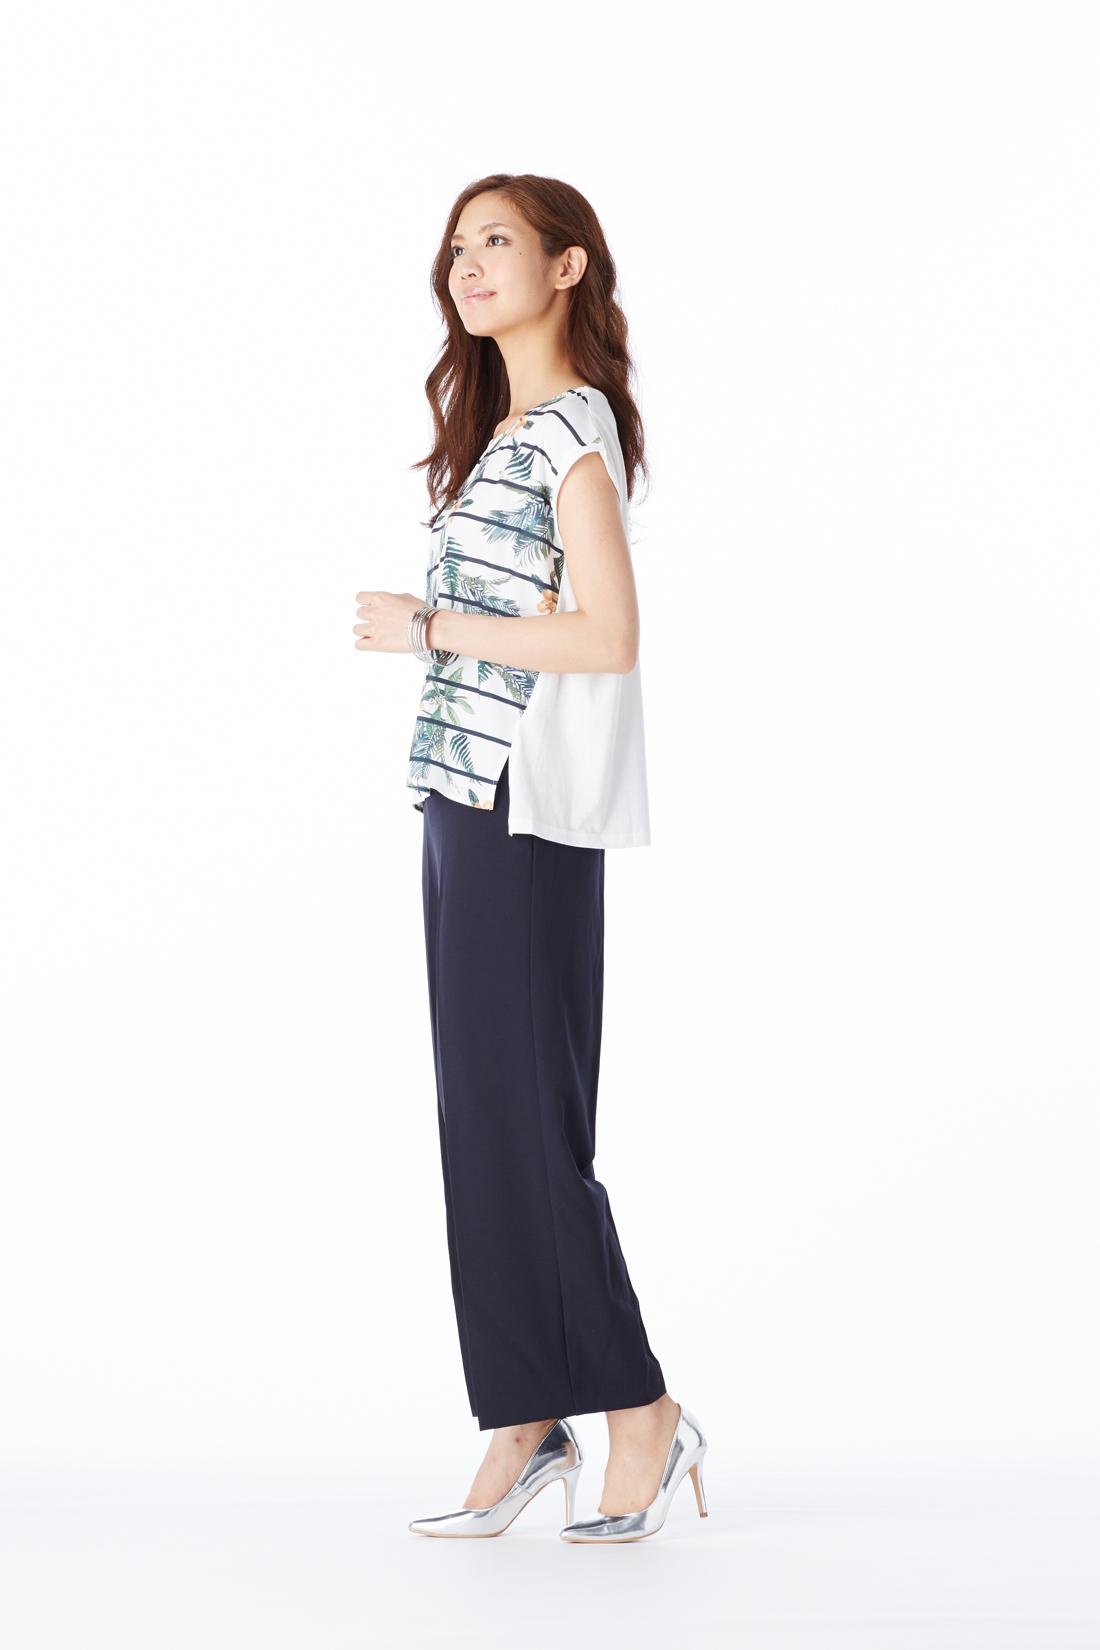 トレンドのワイドパンツにも合わせやすいサイドスリットや、後ろの長め丈が今年っぽい。